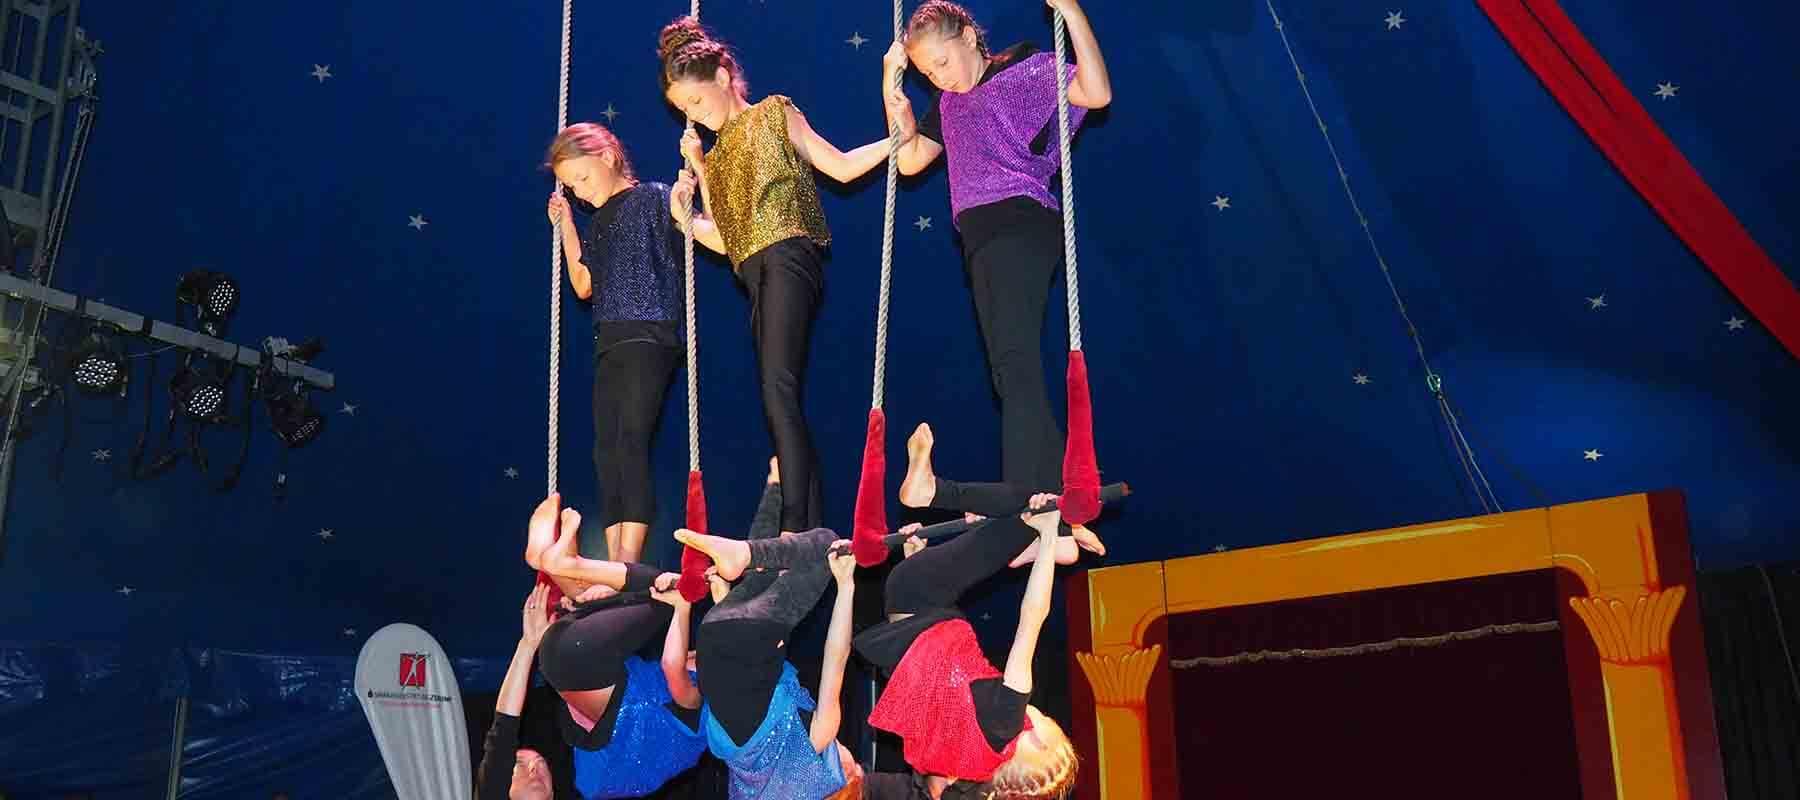 Am Trapez zeigt sich das turnerische Talent.